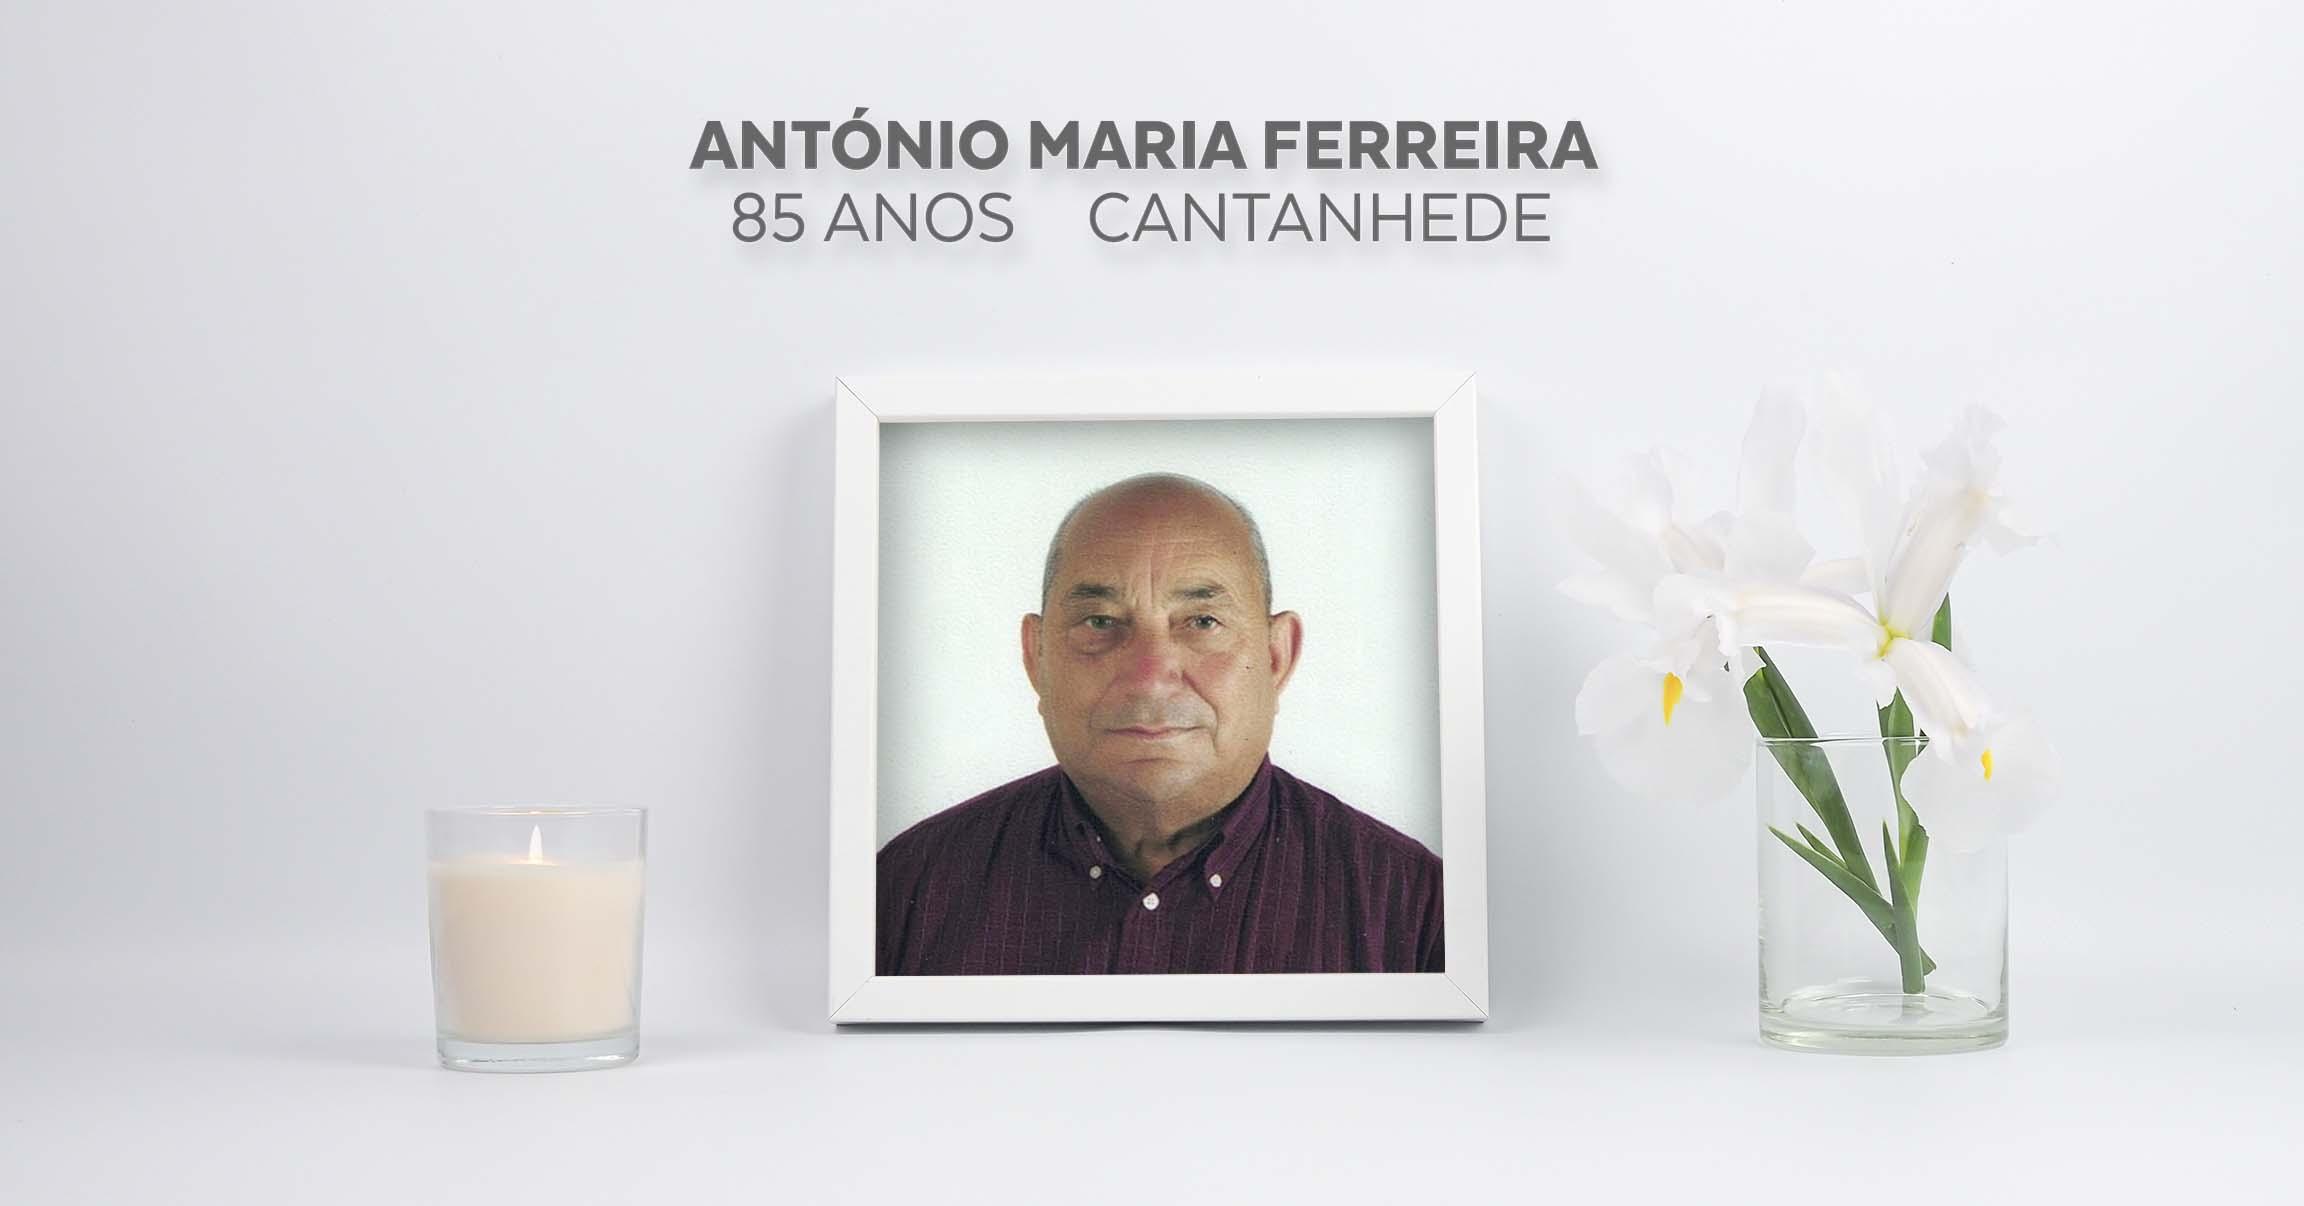 António Maria Ferreira